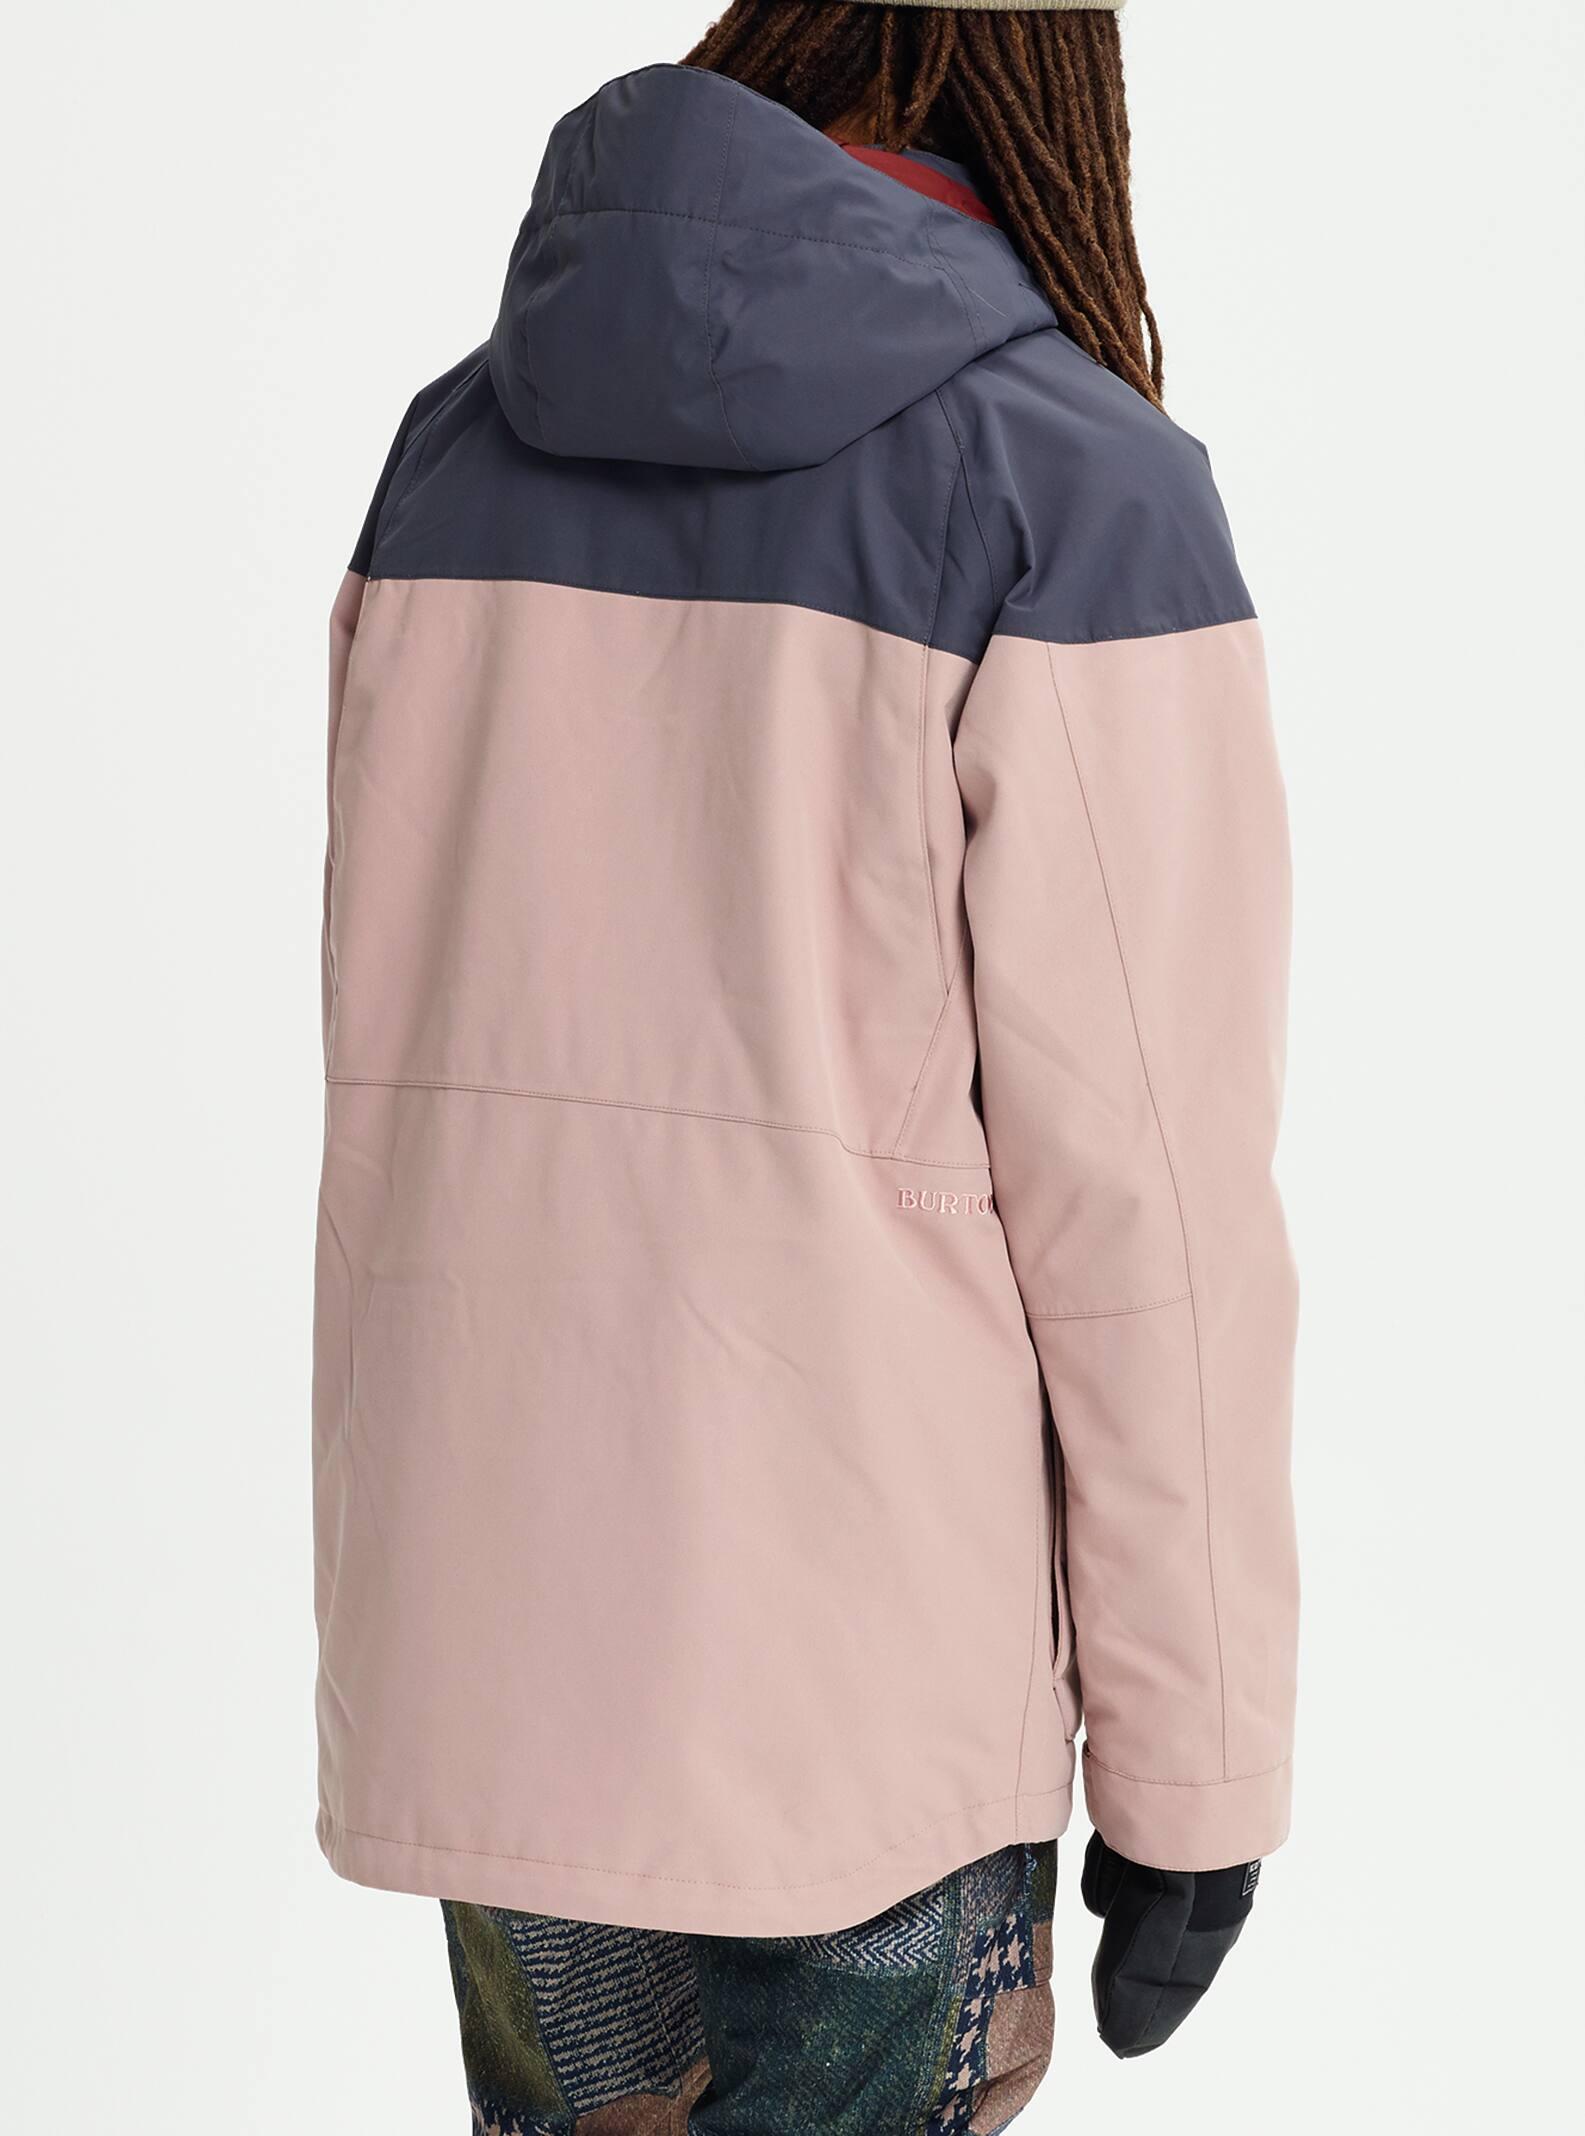 e3dd0e007ad1d1 Men's Burton Breach Insulated Jacket | Burton.com Winter 2019